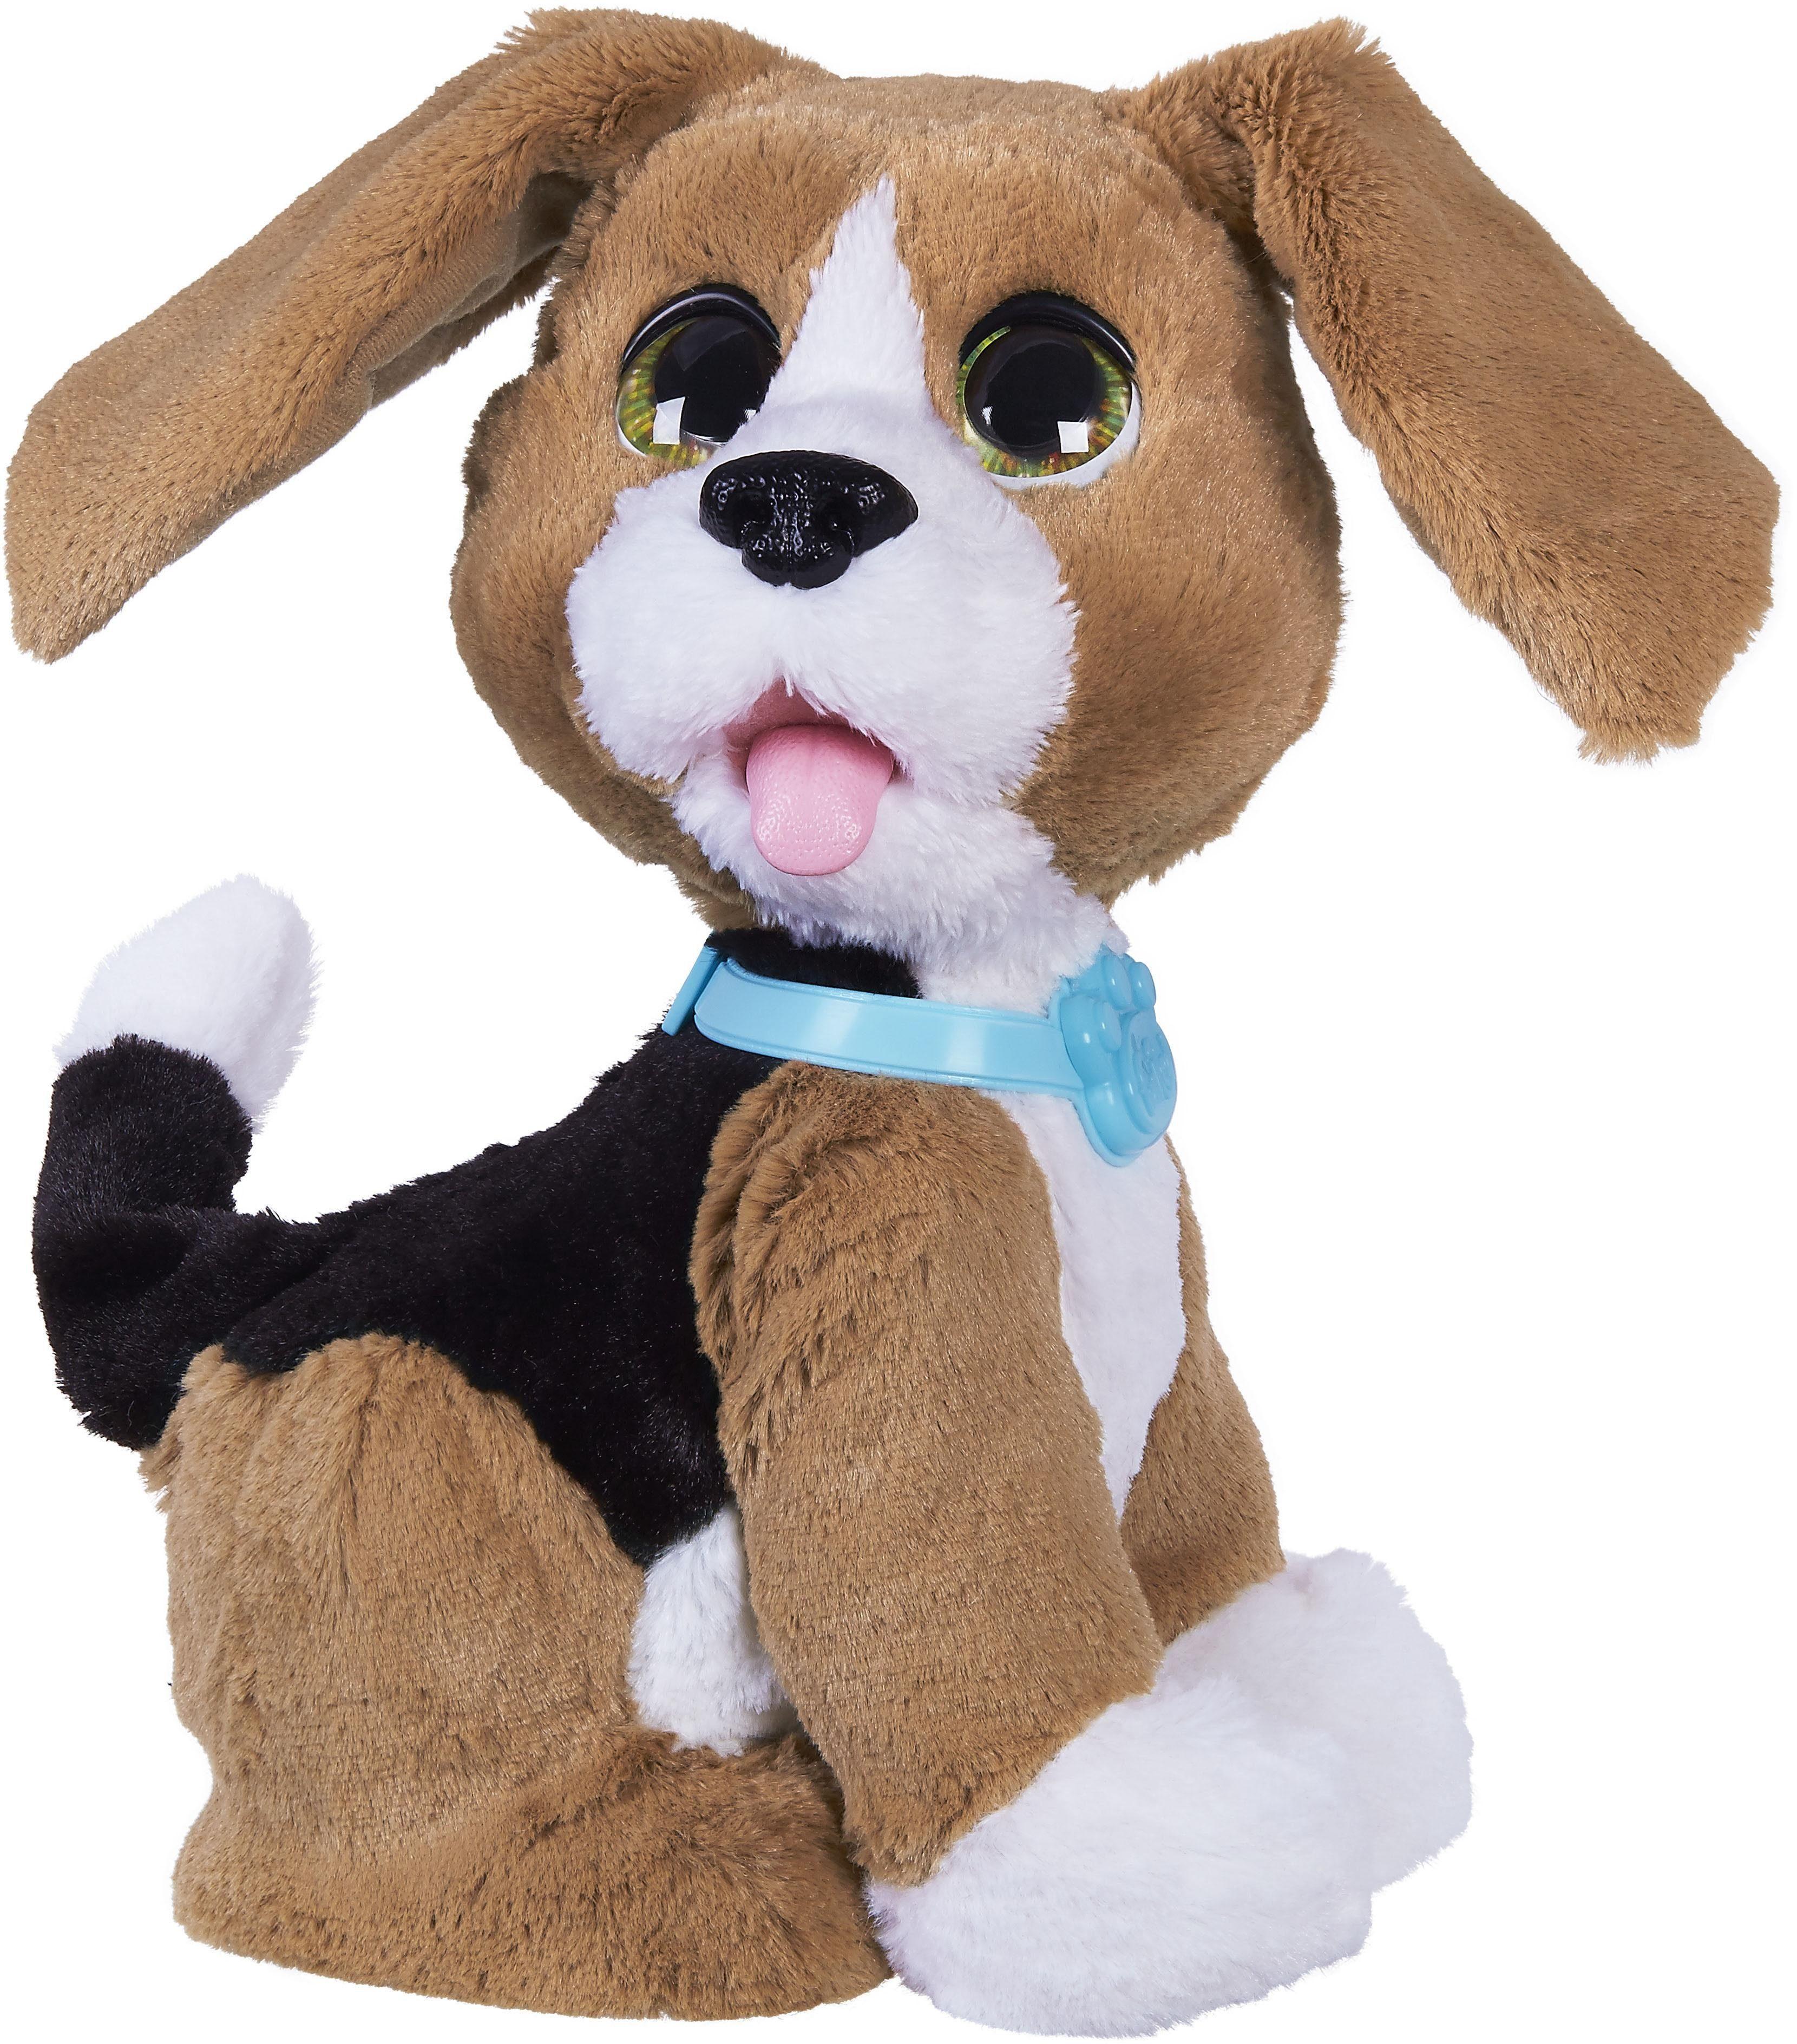 Hasbro Interaktives Plüschtier, »FurReal Friends Benni, der sprechende Beagle«